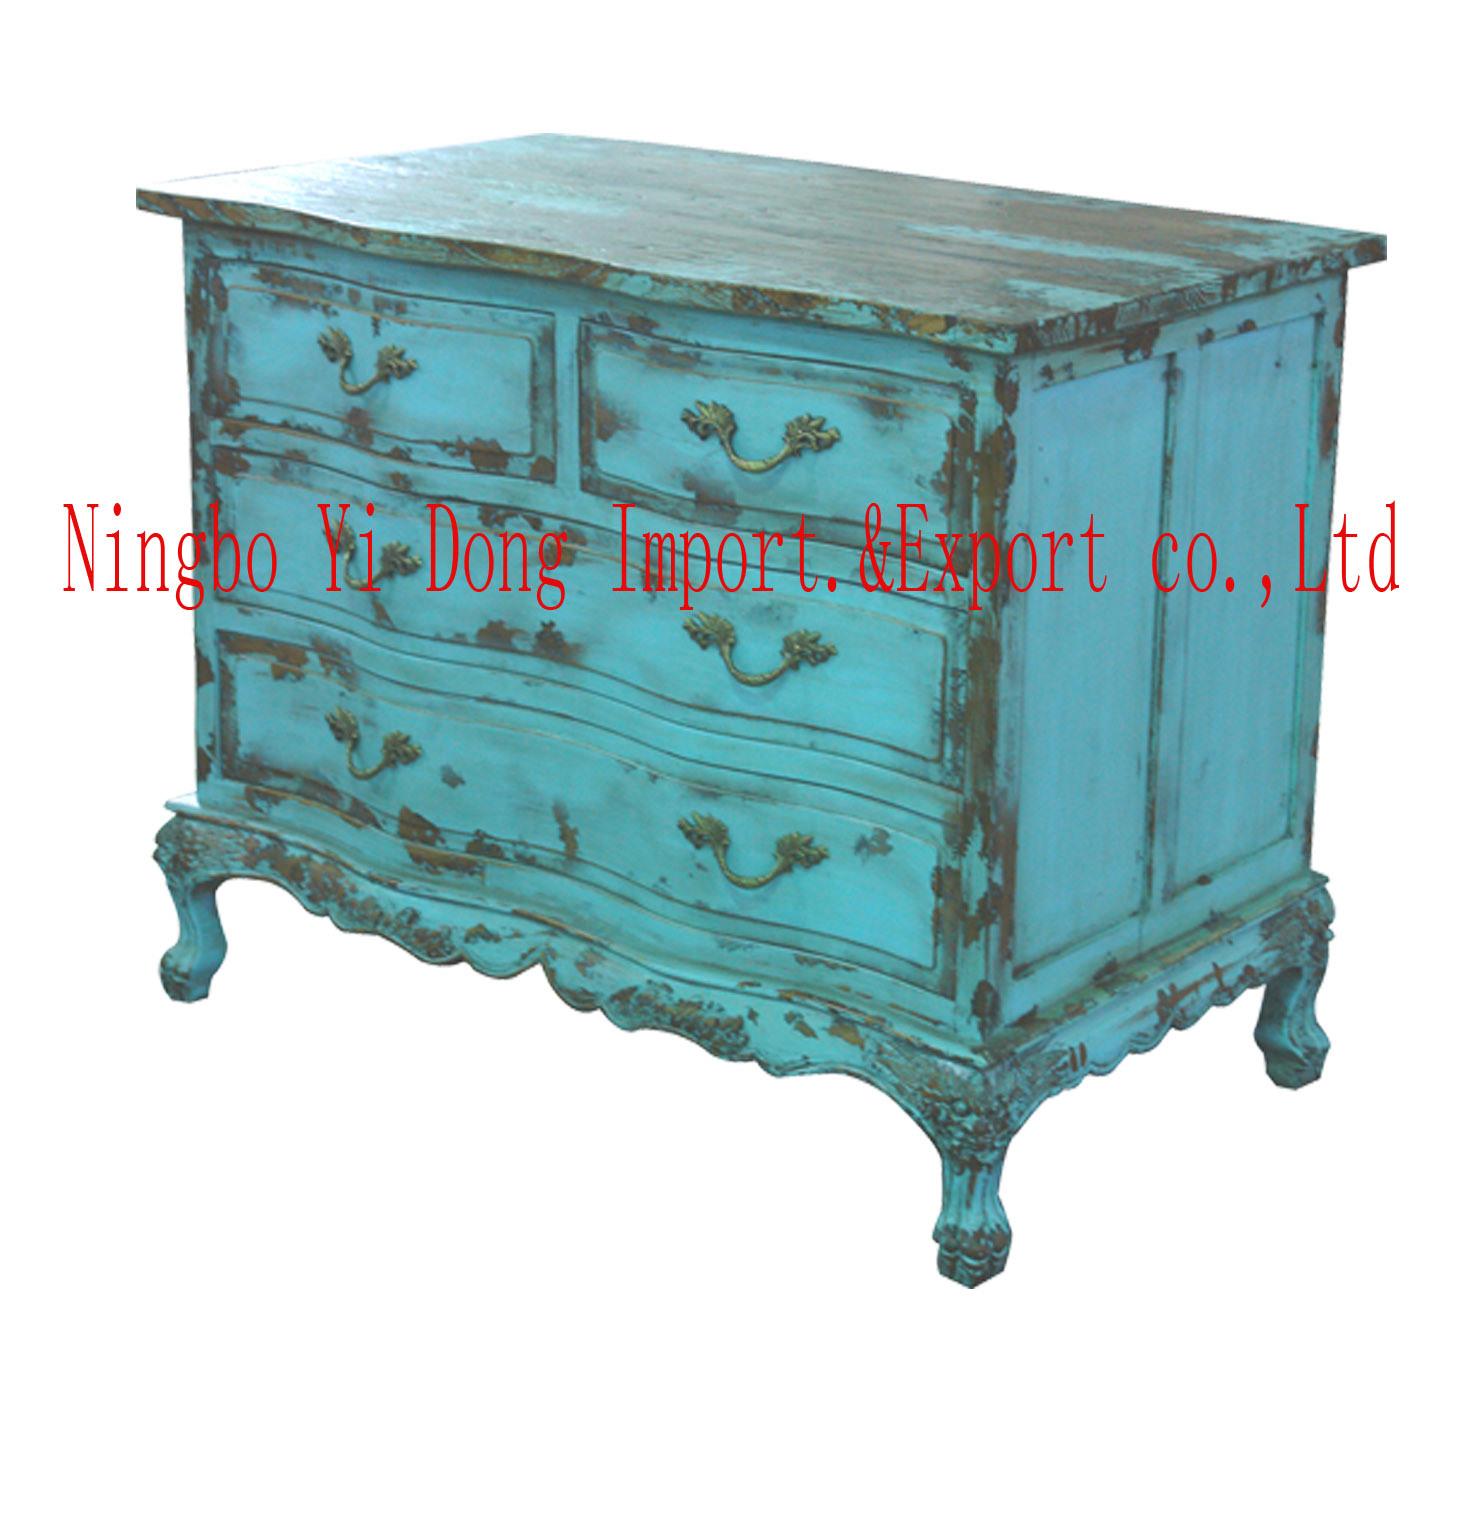 De Muebles Antiguos De Madera Cool Muebles Antiguos De Madera De  ~ Como Limpiar Muebles De Madera Antiguos